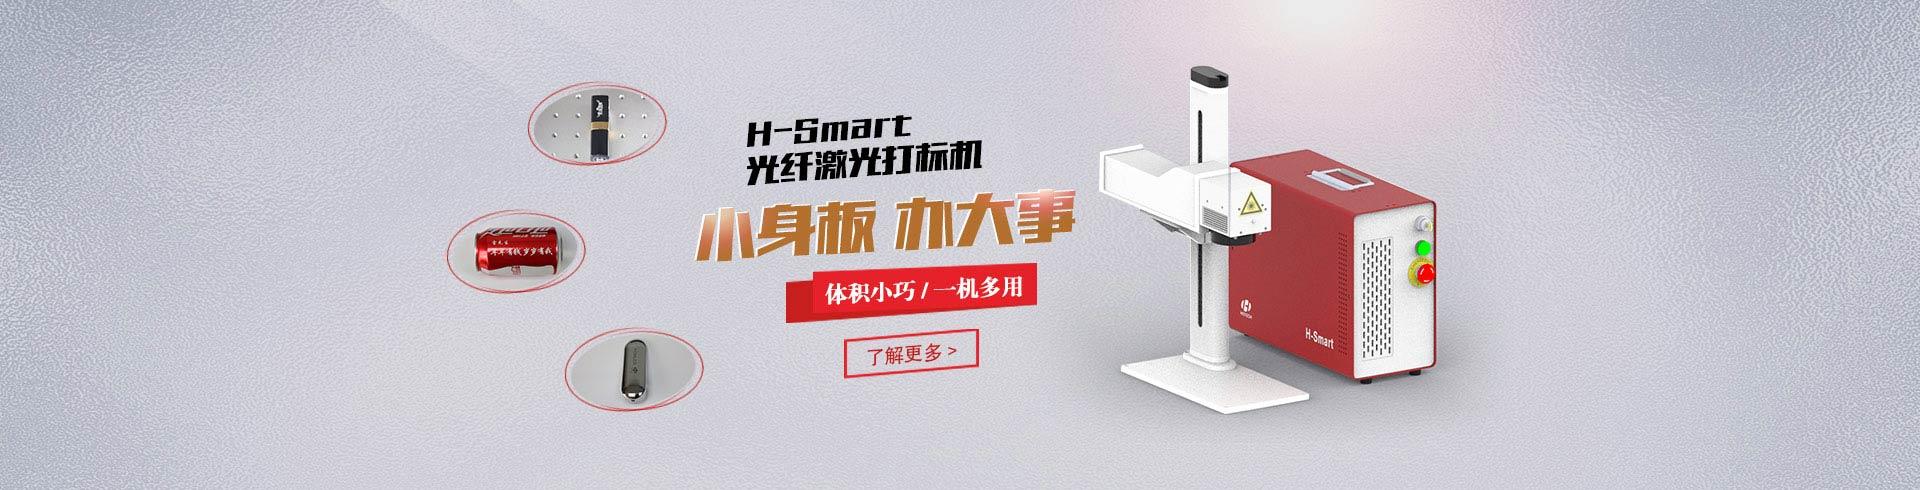 H-Smart光纤激光打标机新品上市